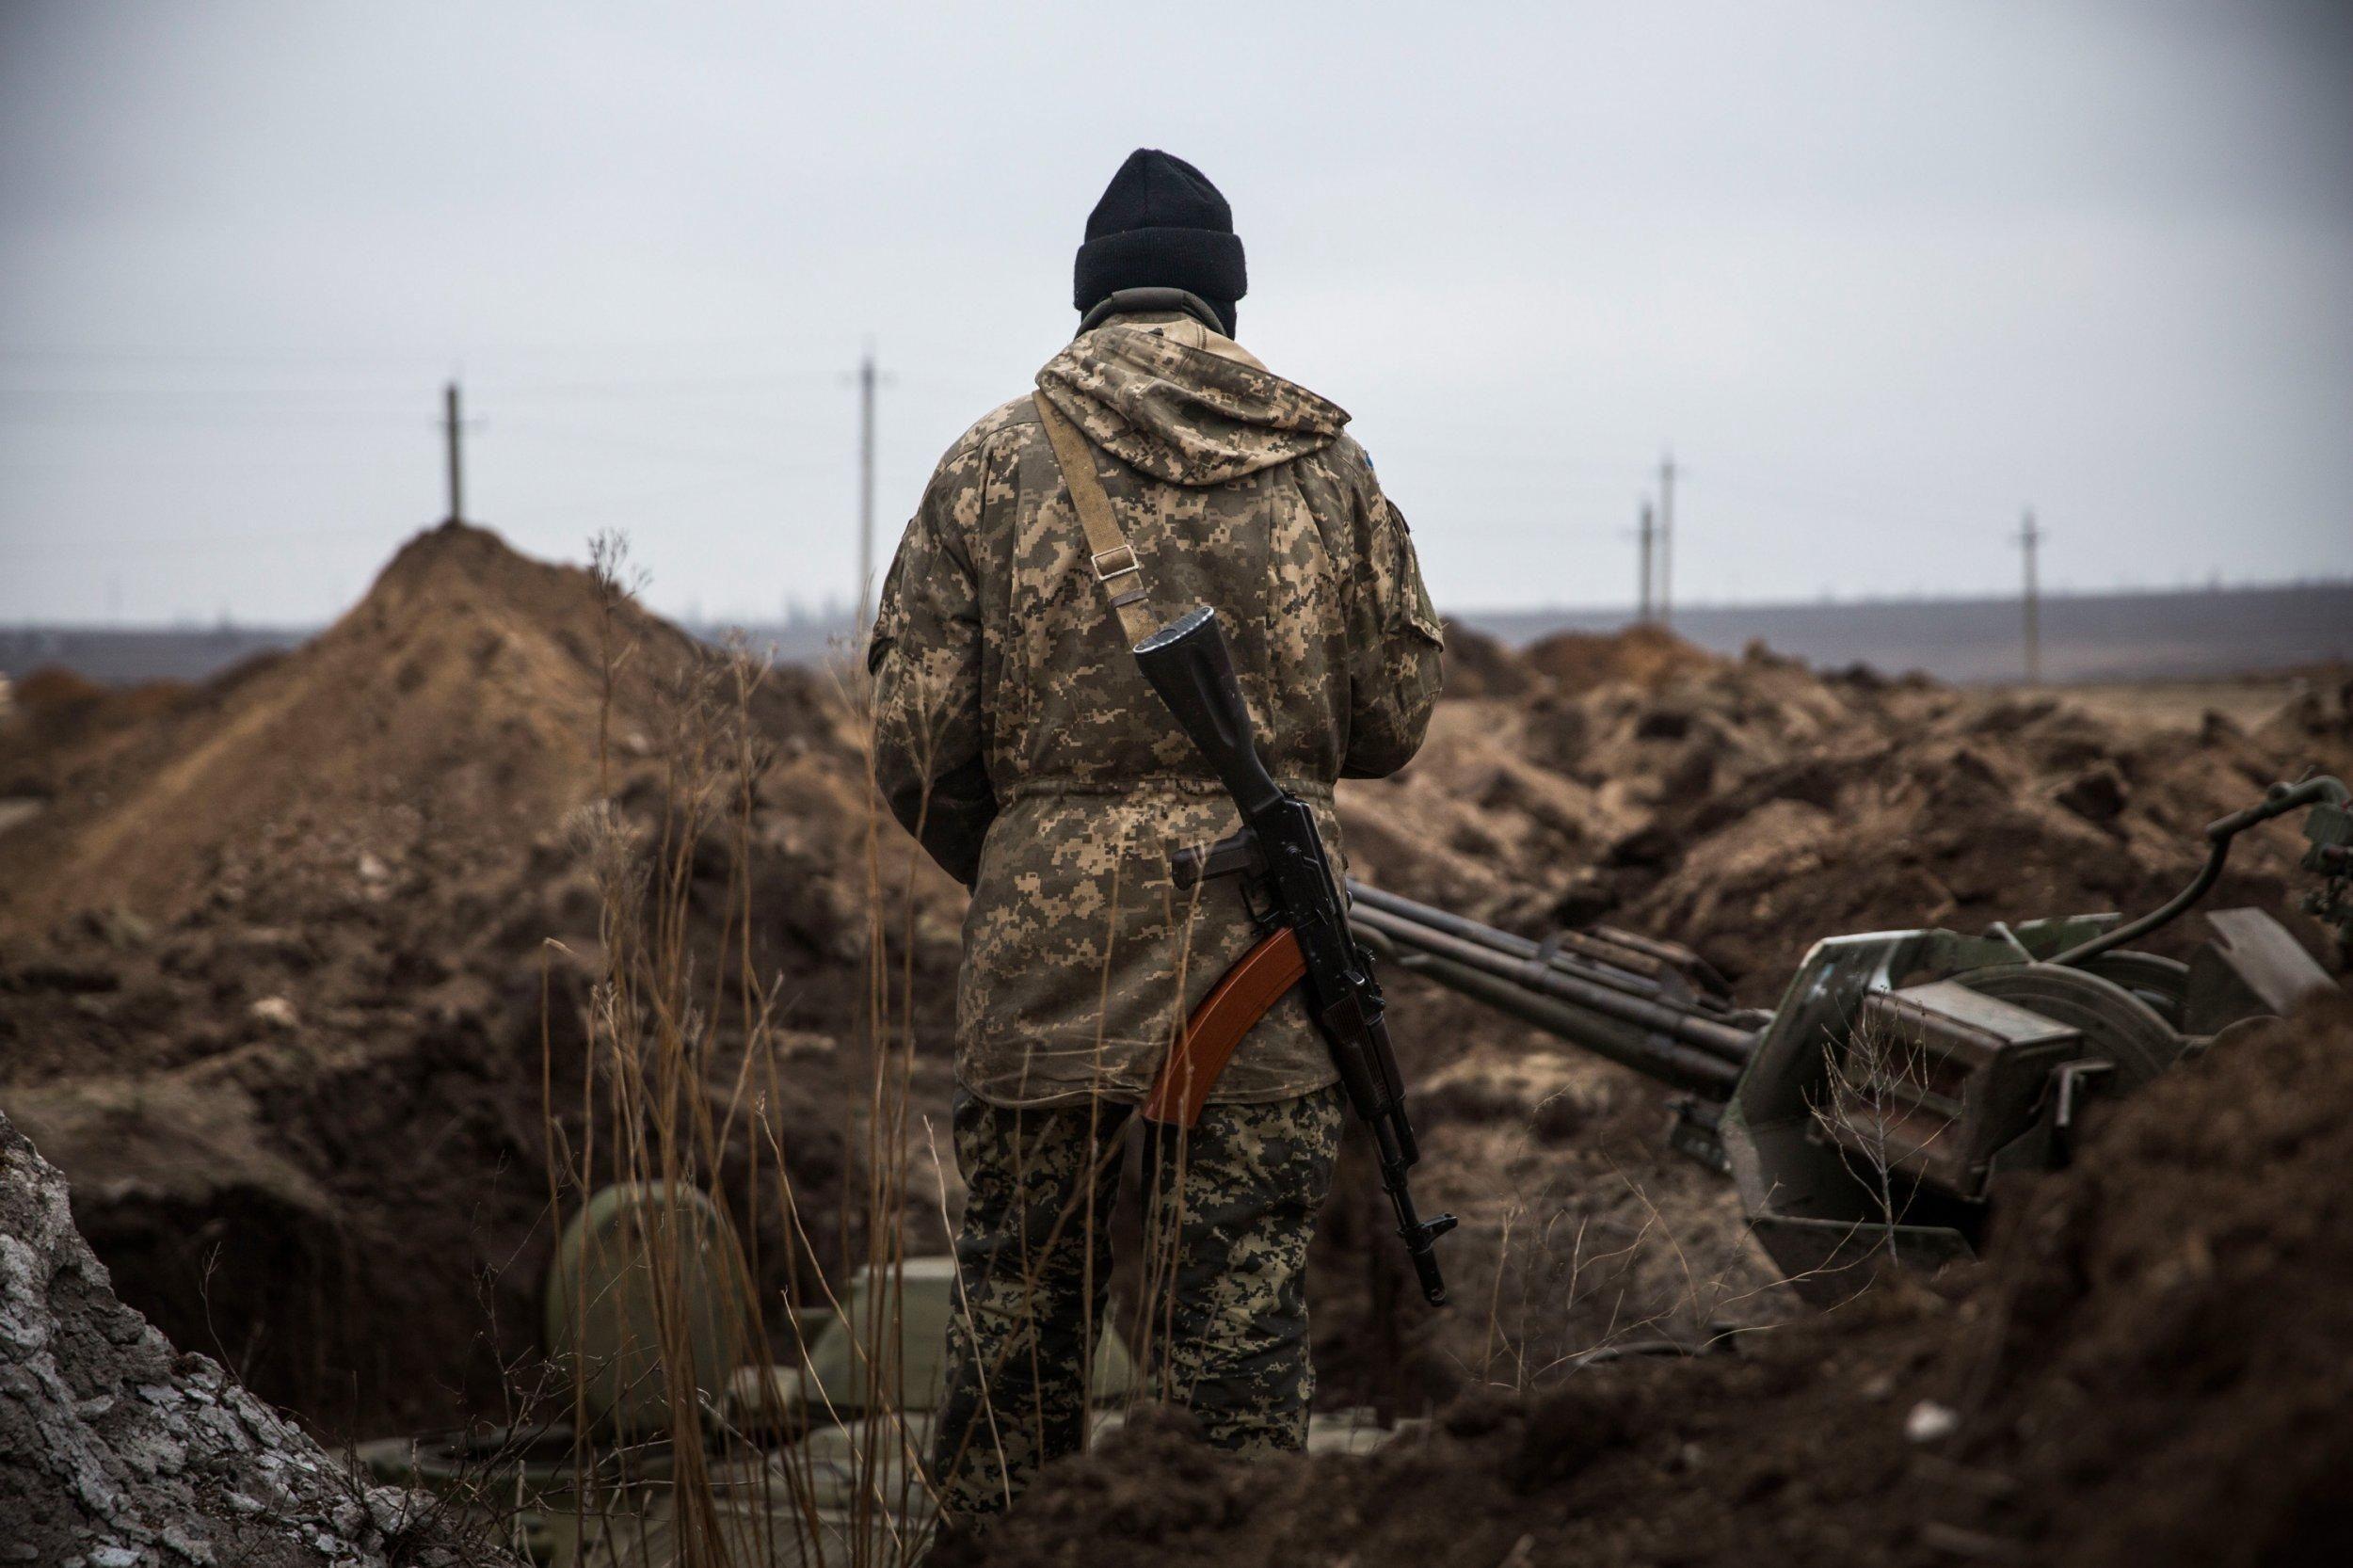 РФ готовится к серьезному сопротивлению: Conflict Intelligence Team